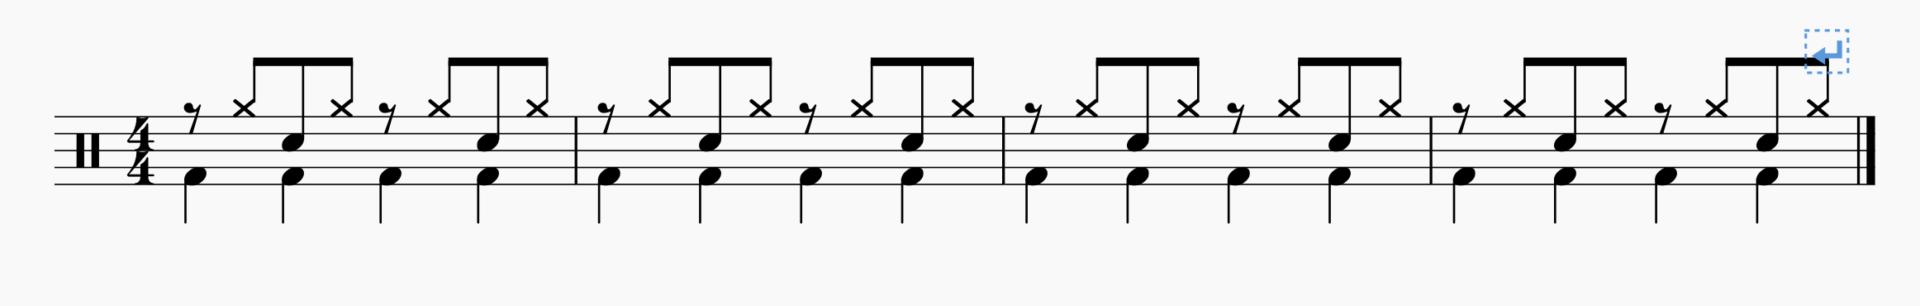 【ドラム】魅惑の8ビートテクニック〜ハイハットヌキヌキ〜